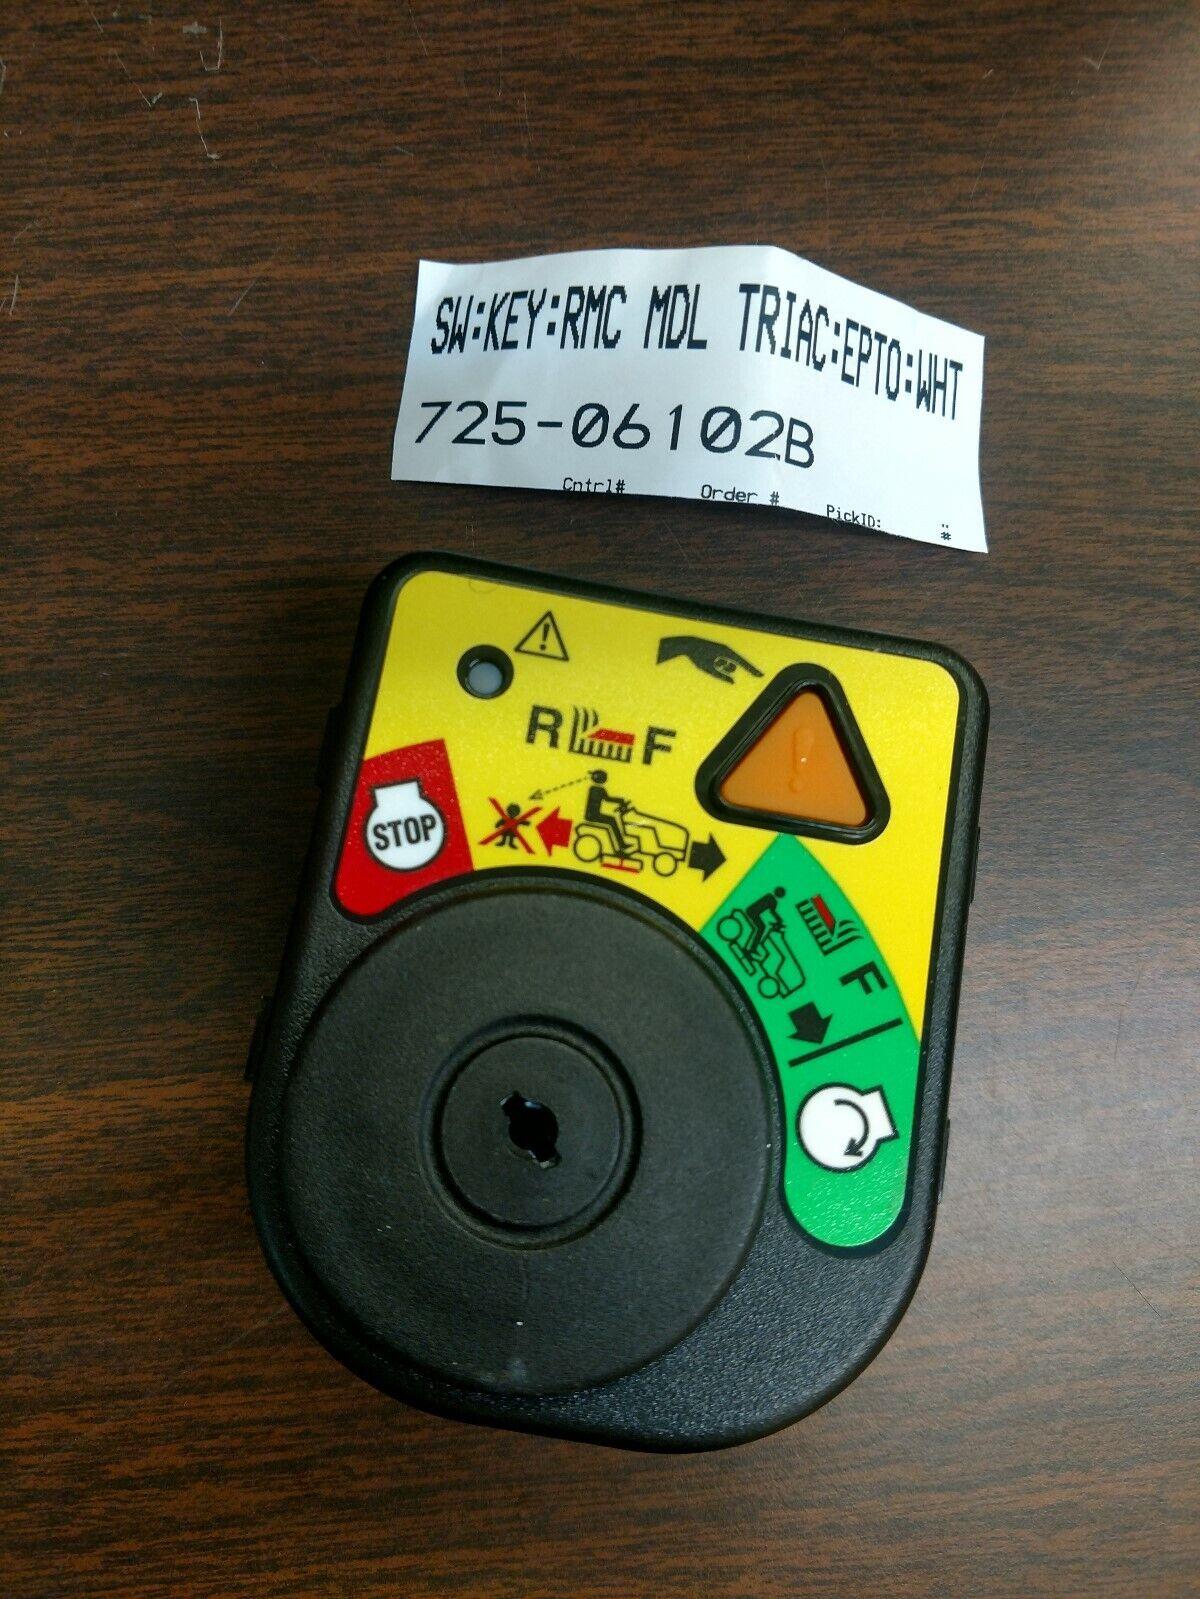 Módulo de conmutación de teclas 725-06102b fabricante de equipos originales MTD